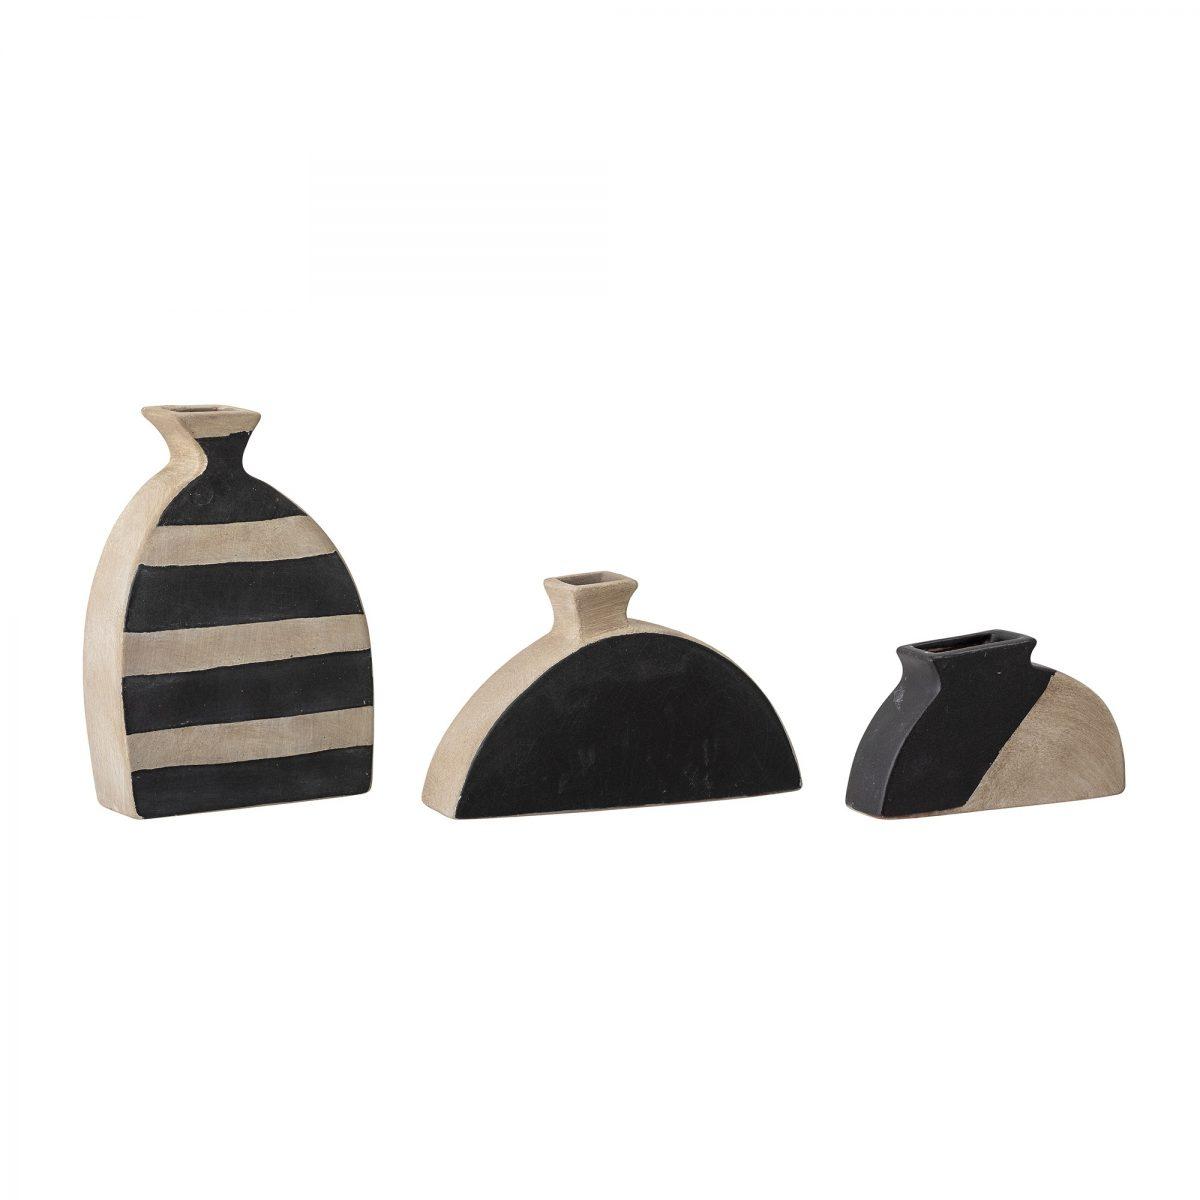 Terracotta vase 1 3